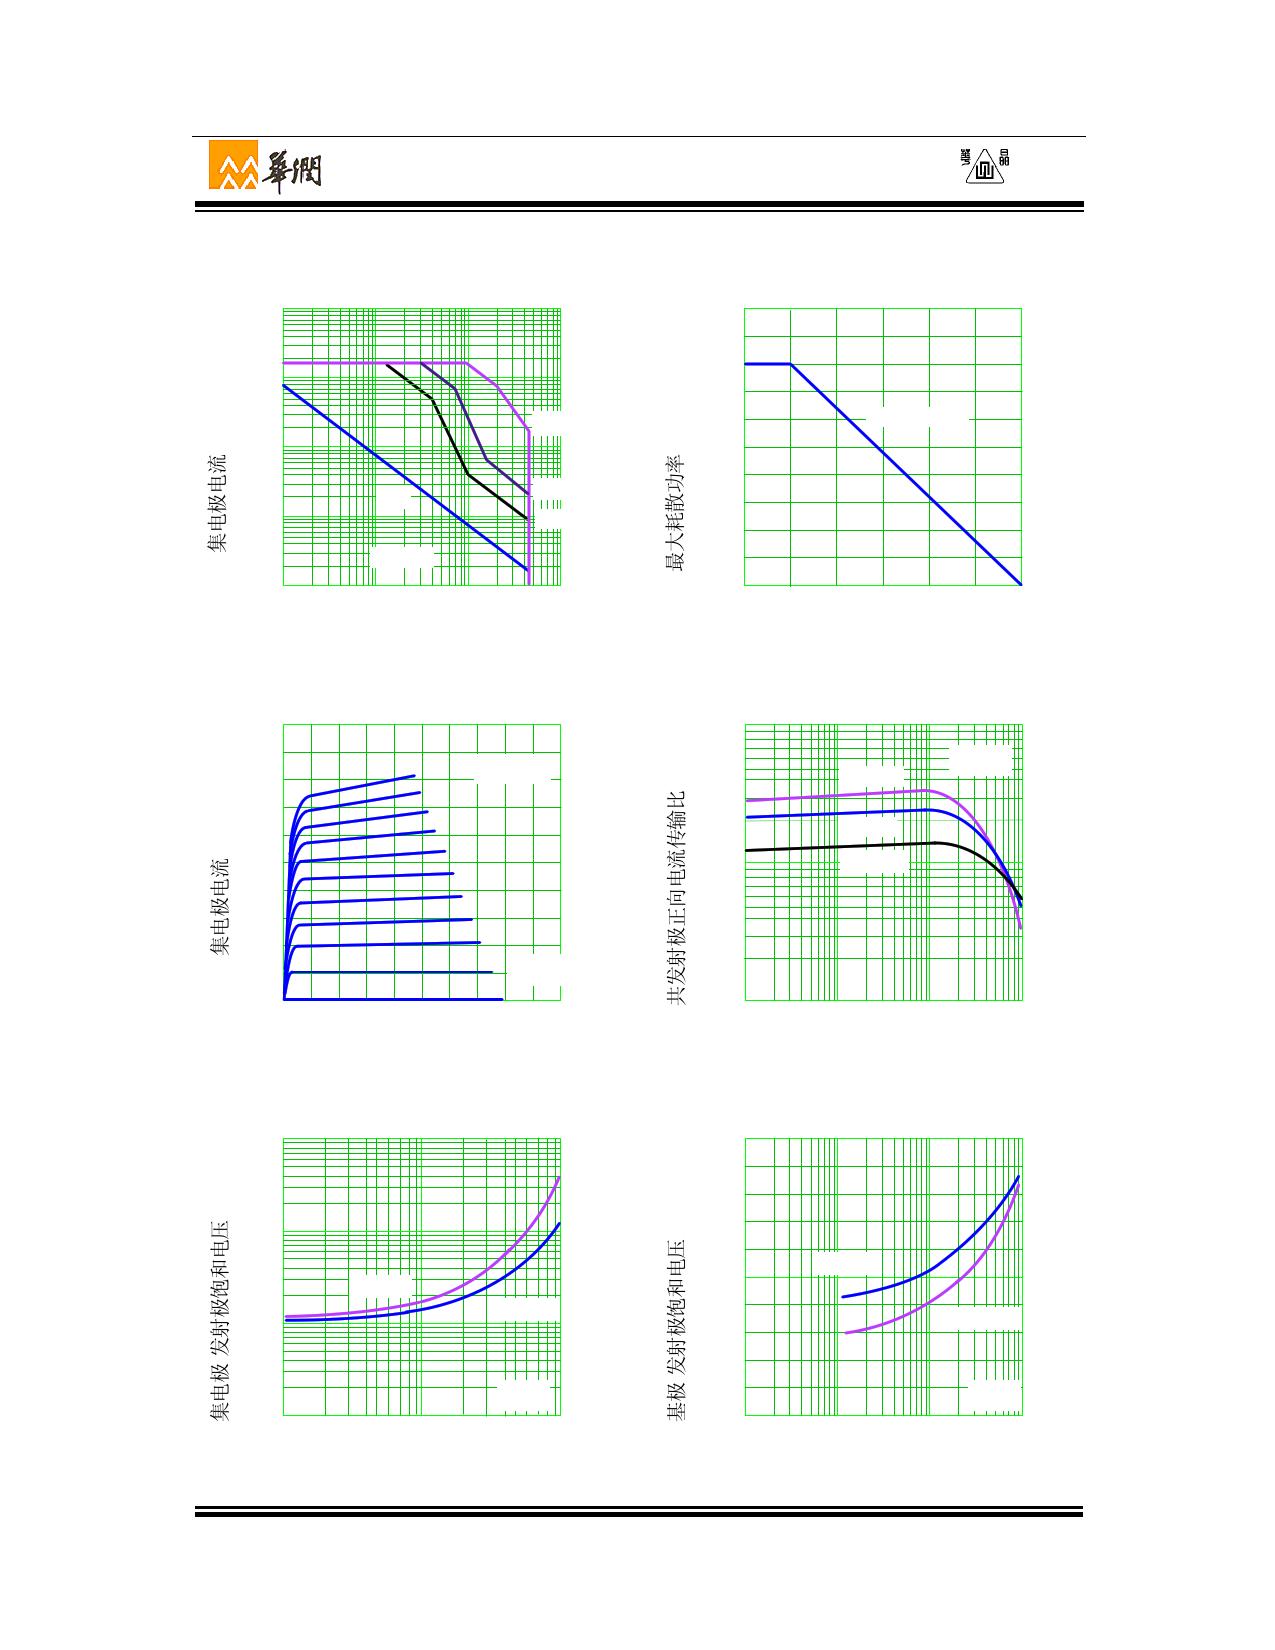 3DG3001A1-H pdf, ピン配列